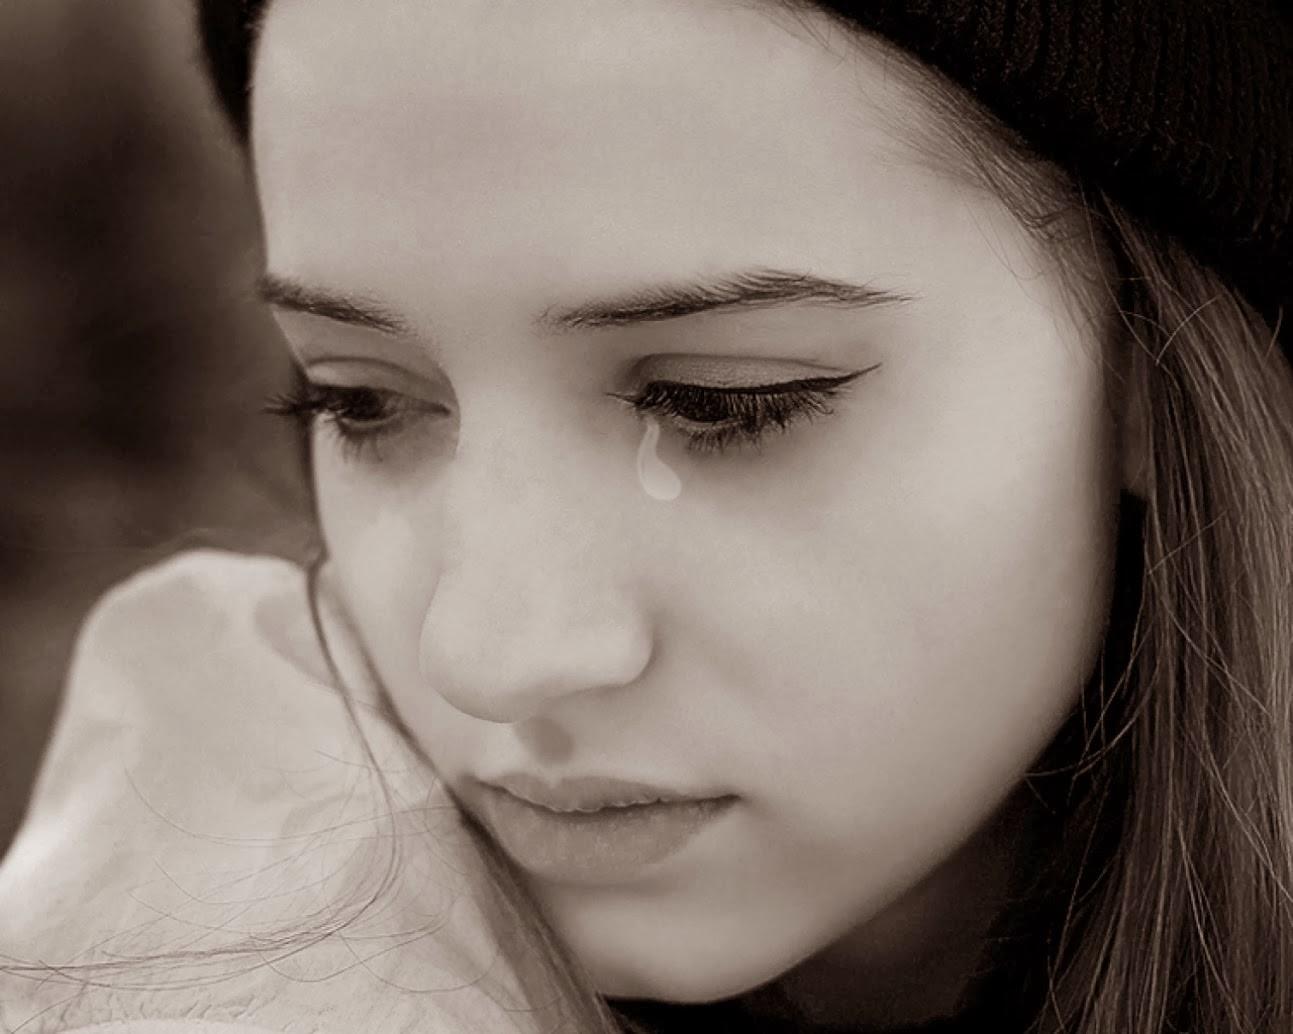 صورة بنات حزينات , صور بنات حزينات